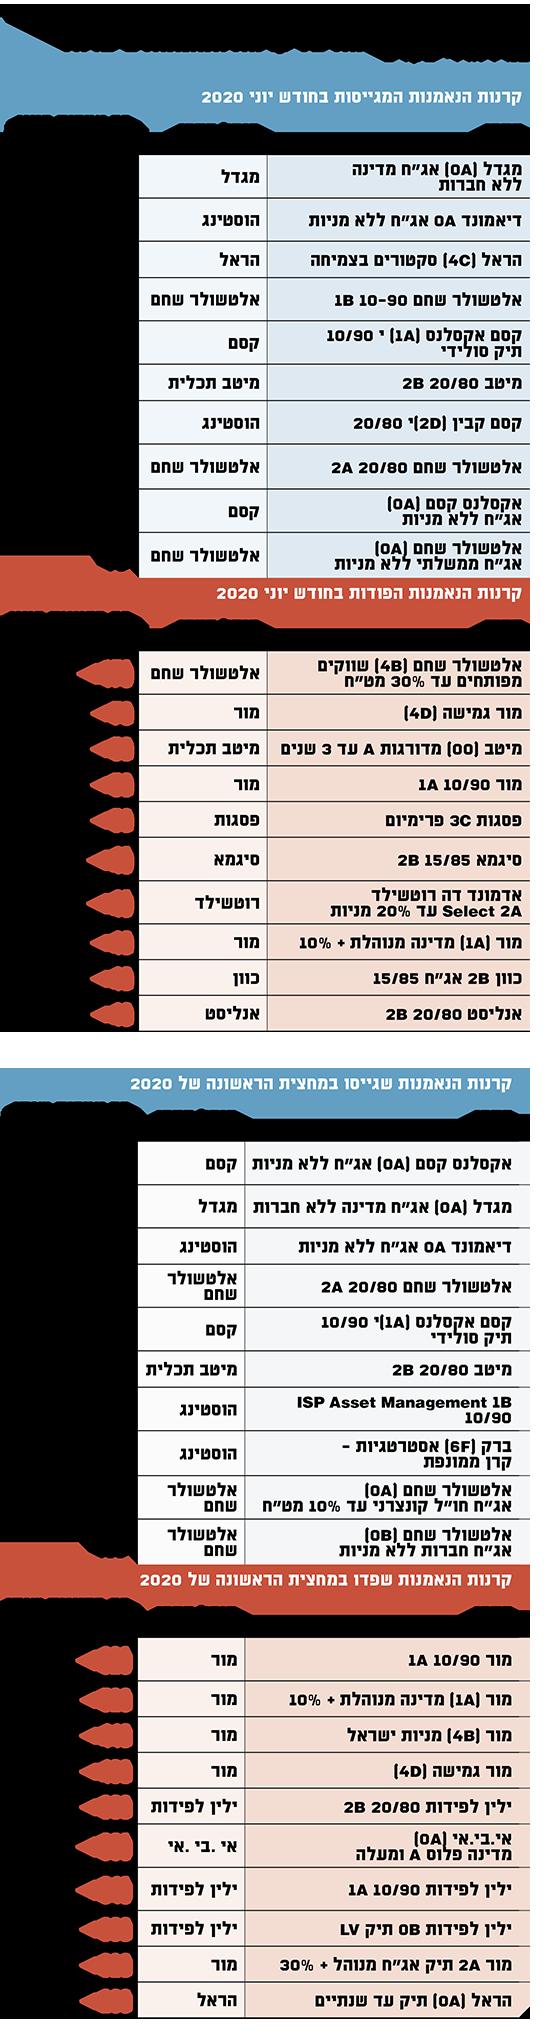 גיוסי ההון והפדיונות של קרנות הנאמנות בישראל